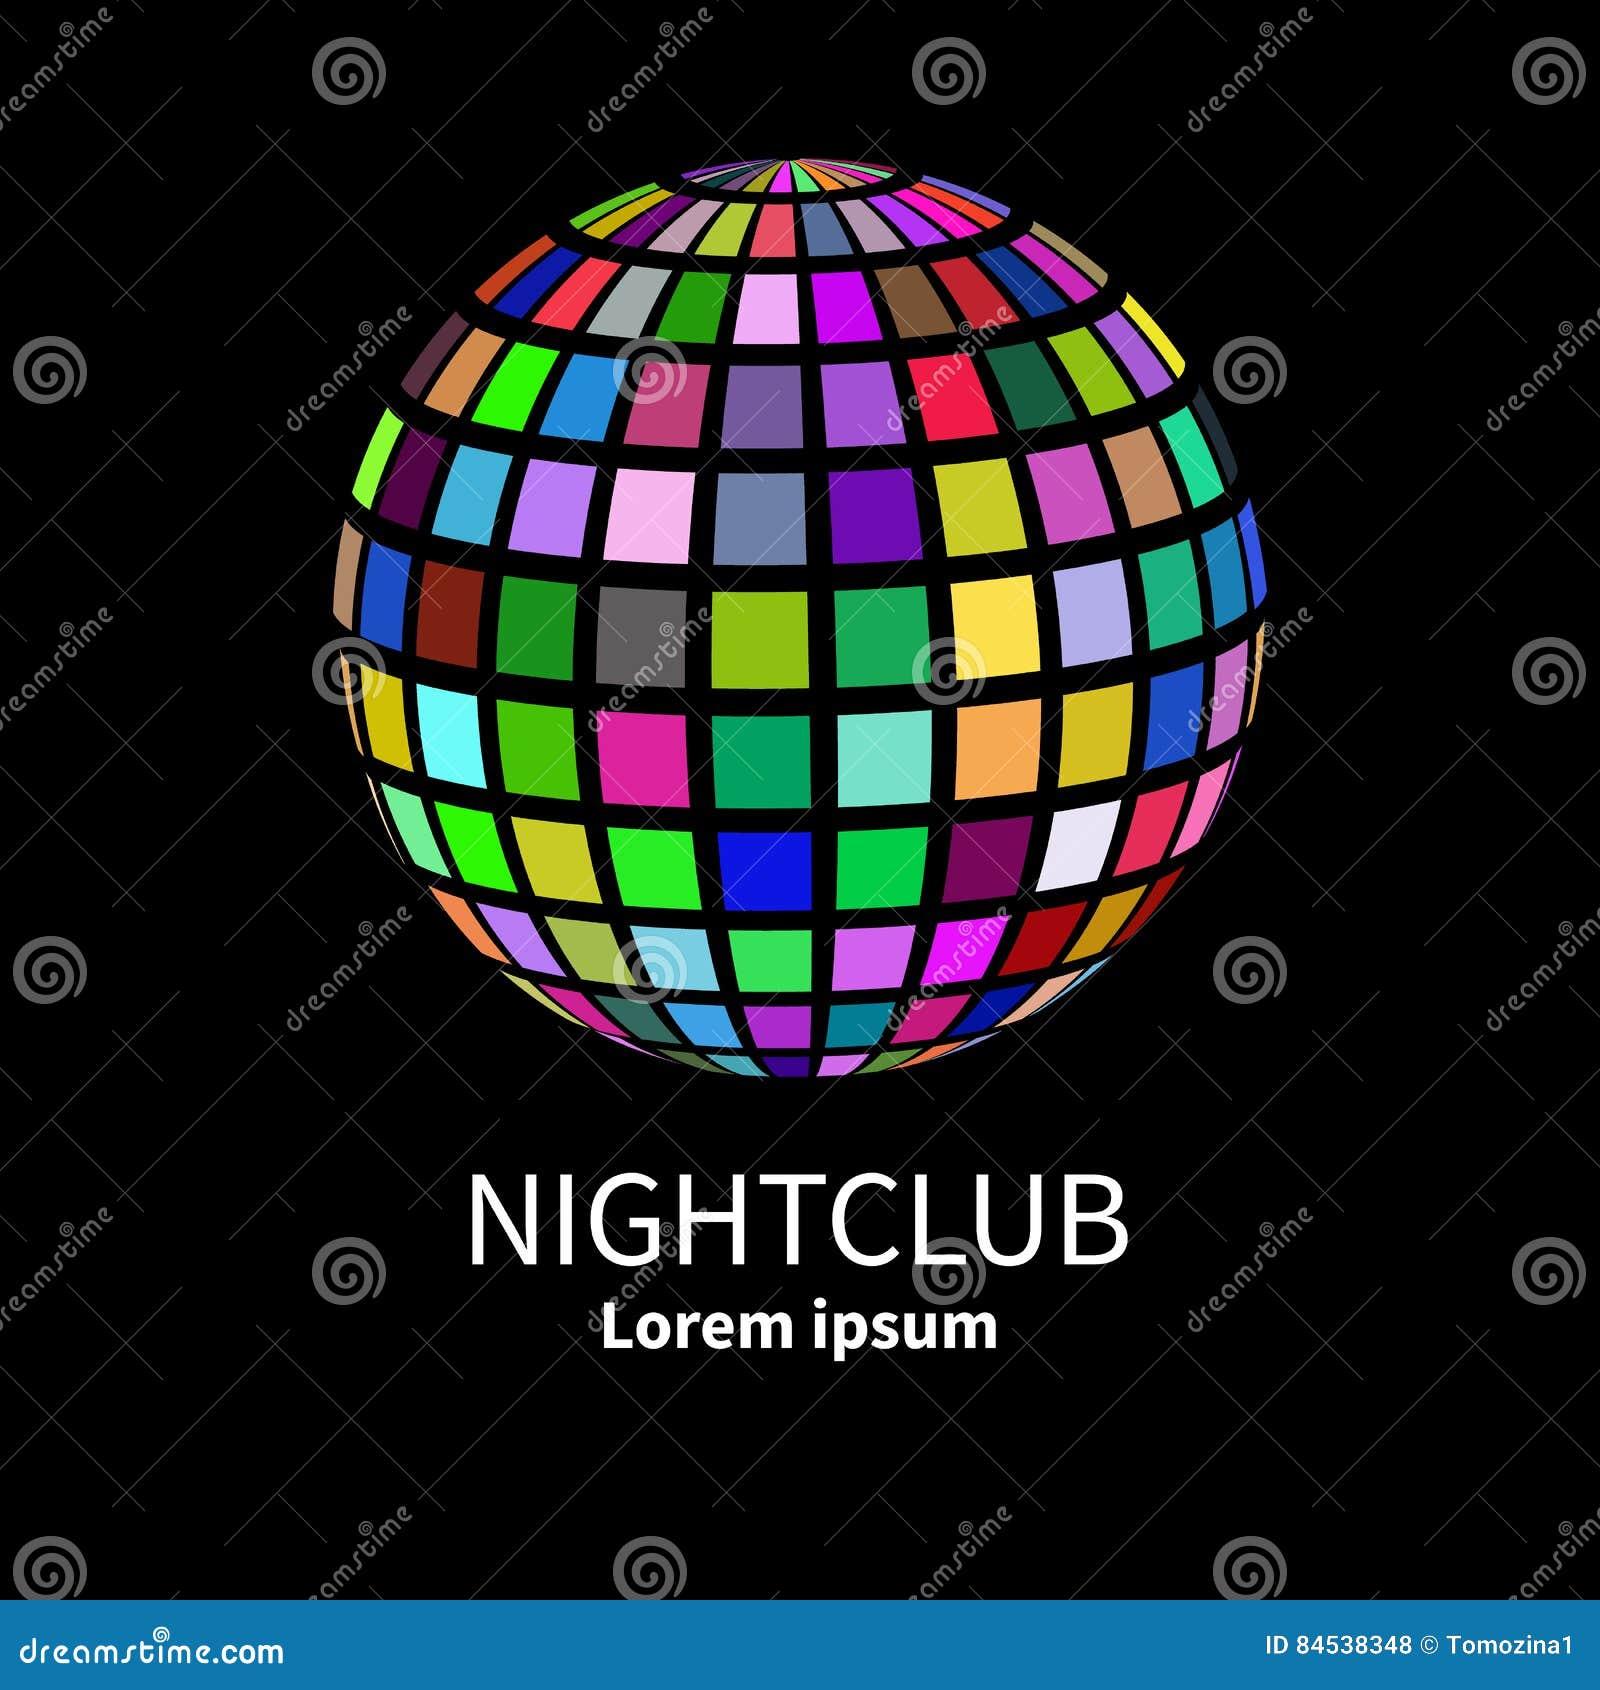 Логотип к ночному клубу клуб для мужчин краснодар